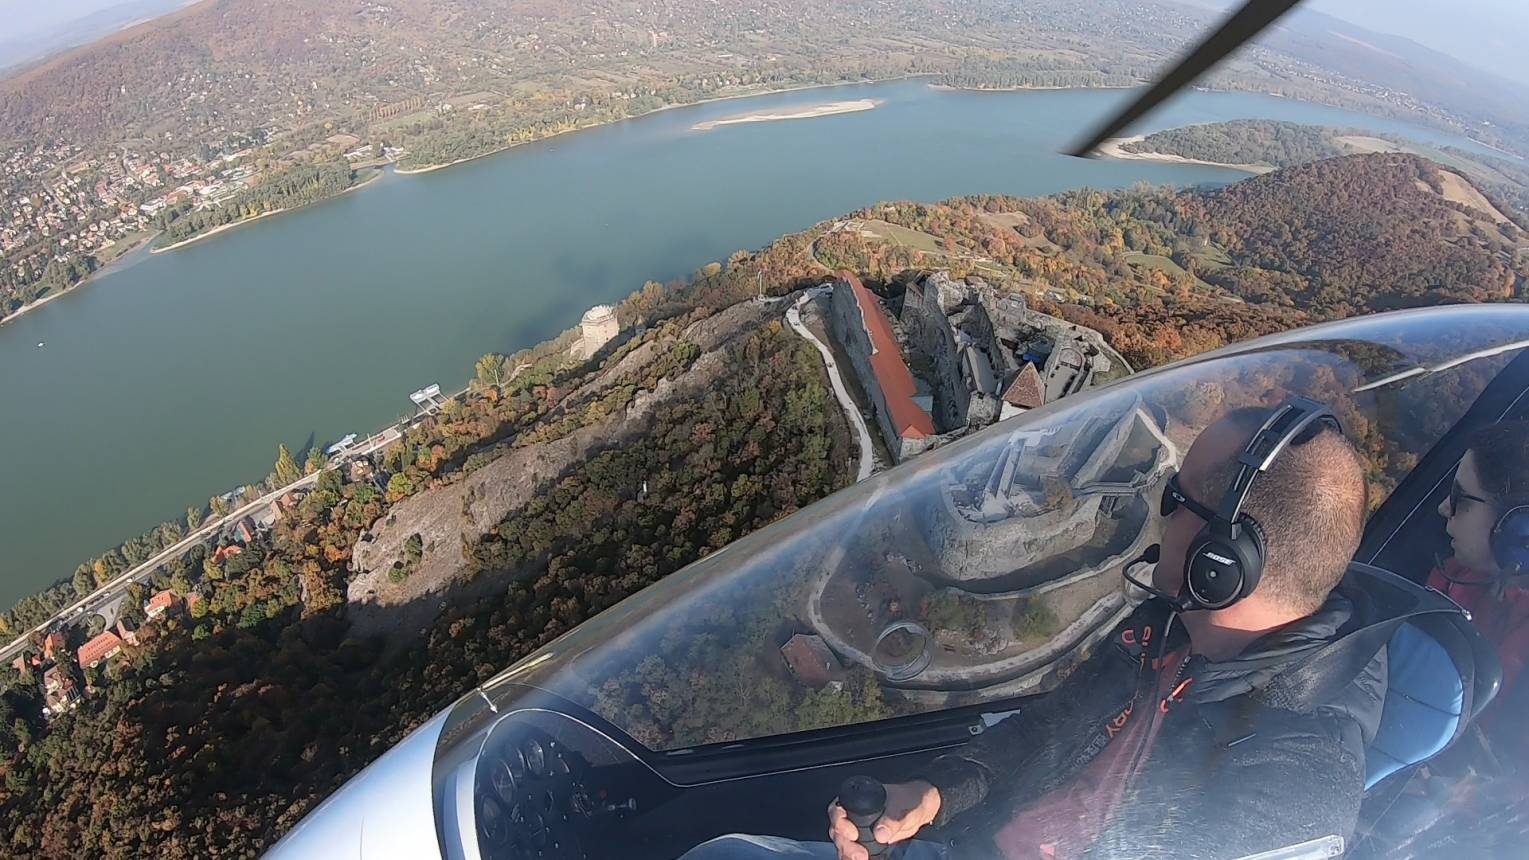 Duna kanyar végig repülése GIROkopterrel Budakeszi felszállással